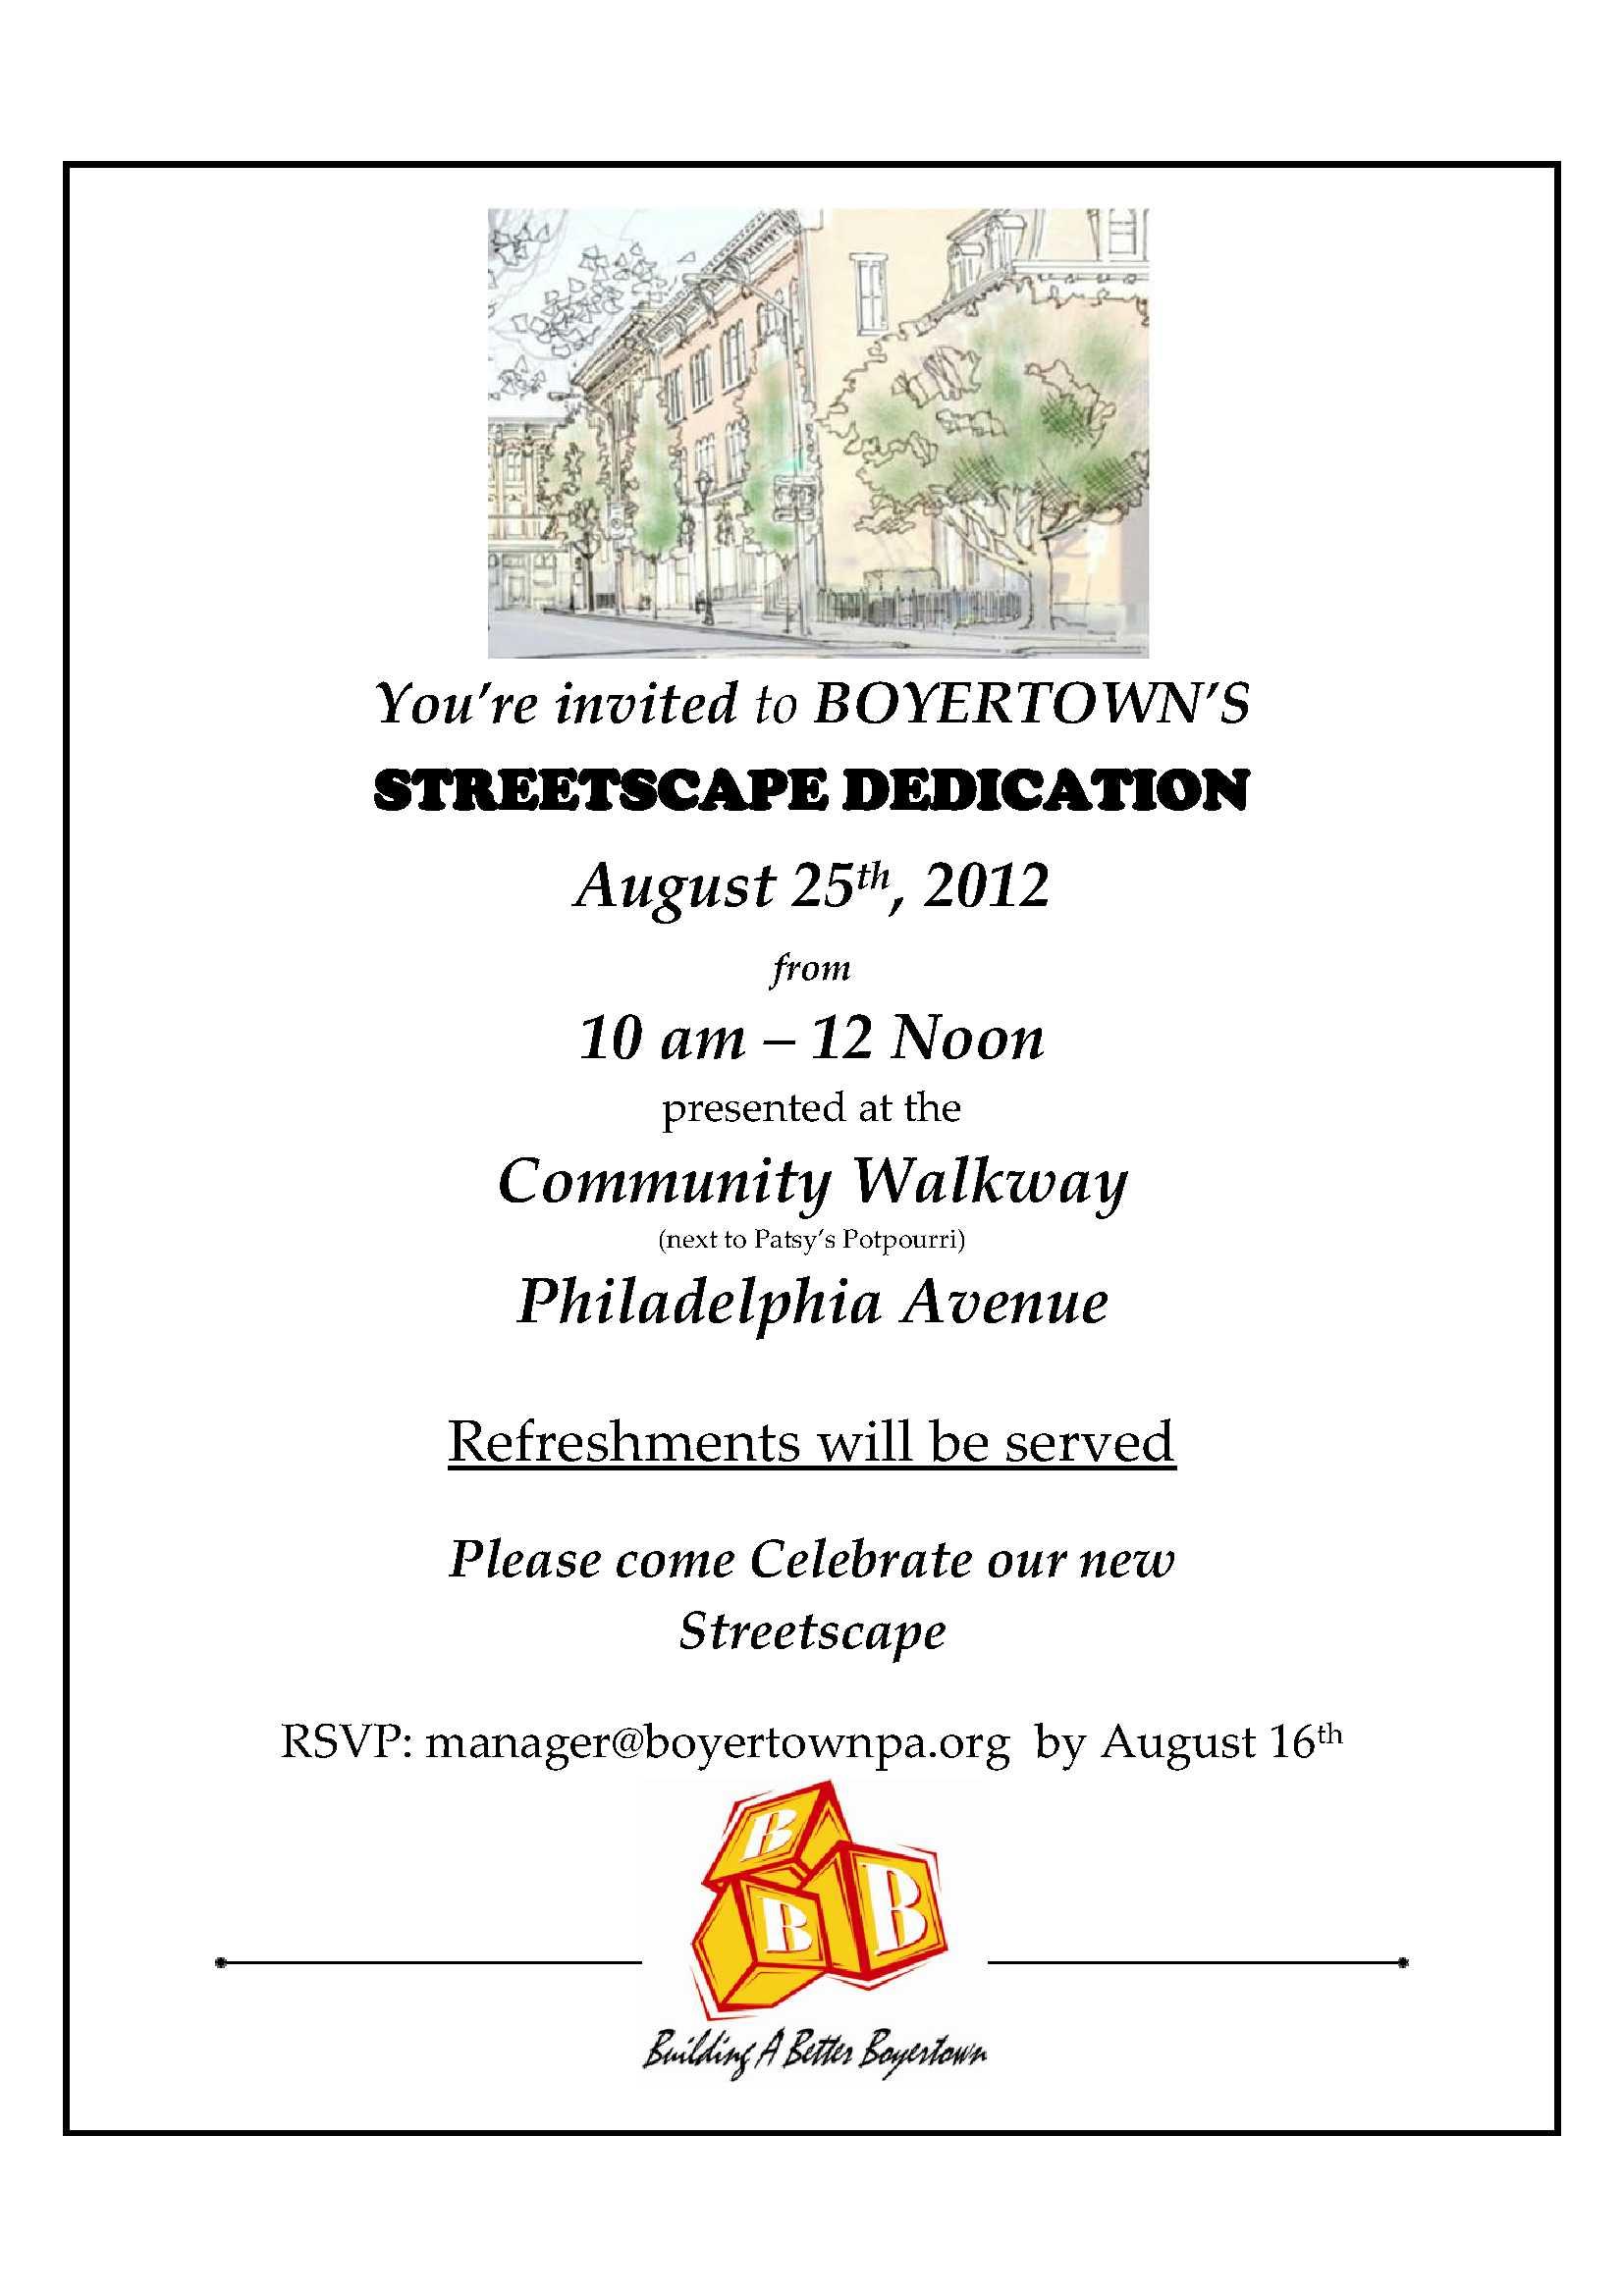 Building Dedication Invitation Wording